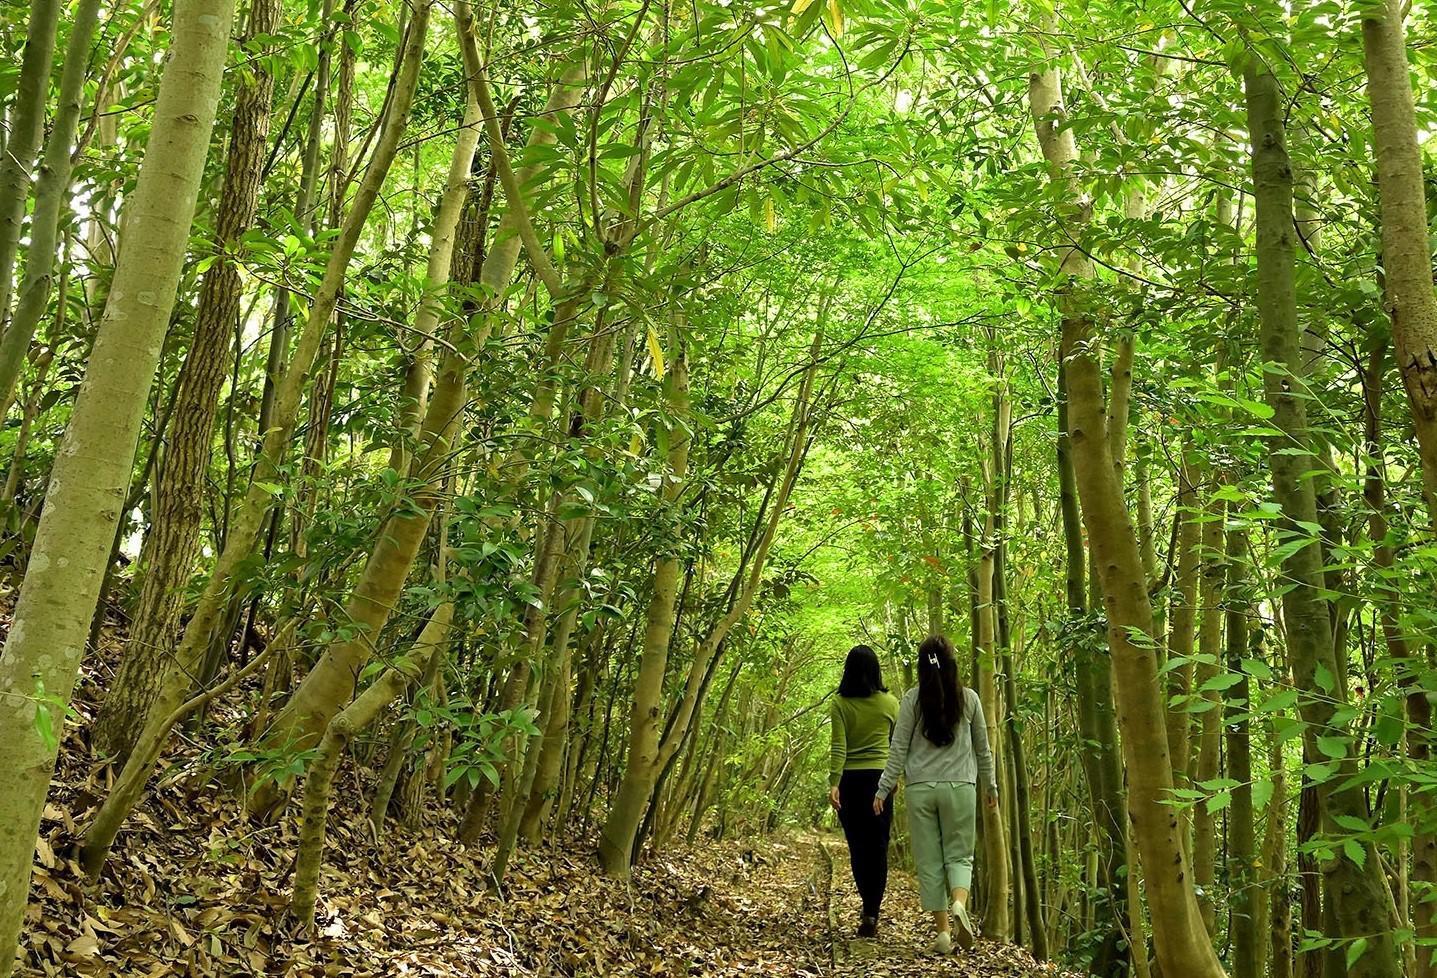 社員が在来種を植樹し育てた森